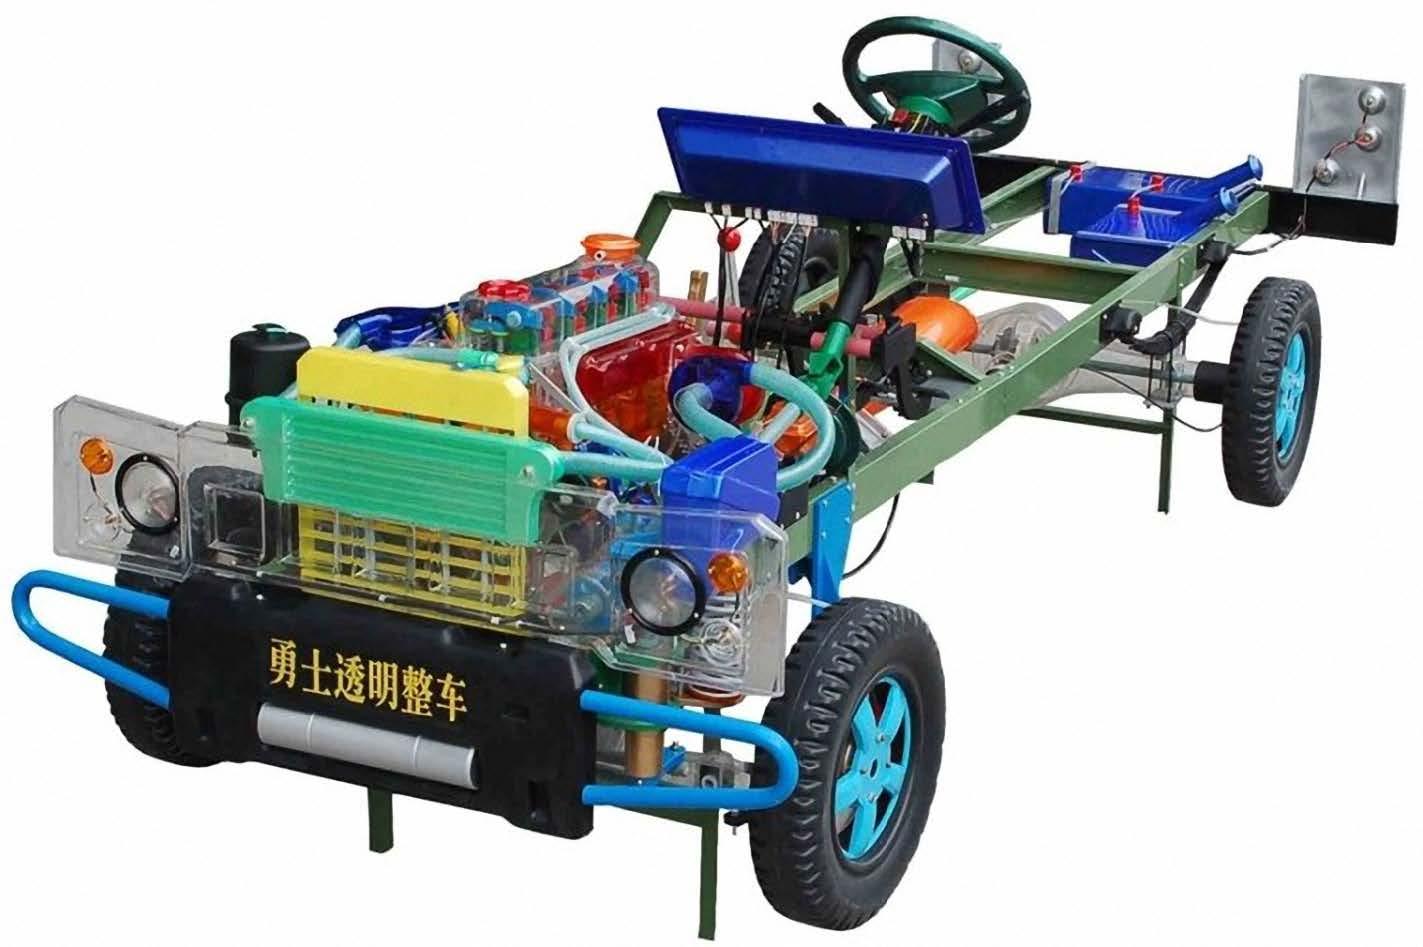 二, 通用型整车透明教学模型结构和特点: 本品选用透明有机玻璃制作